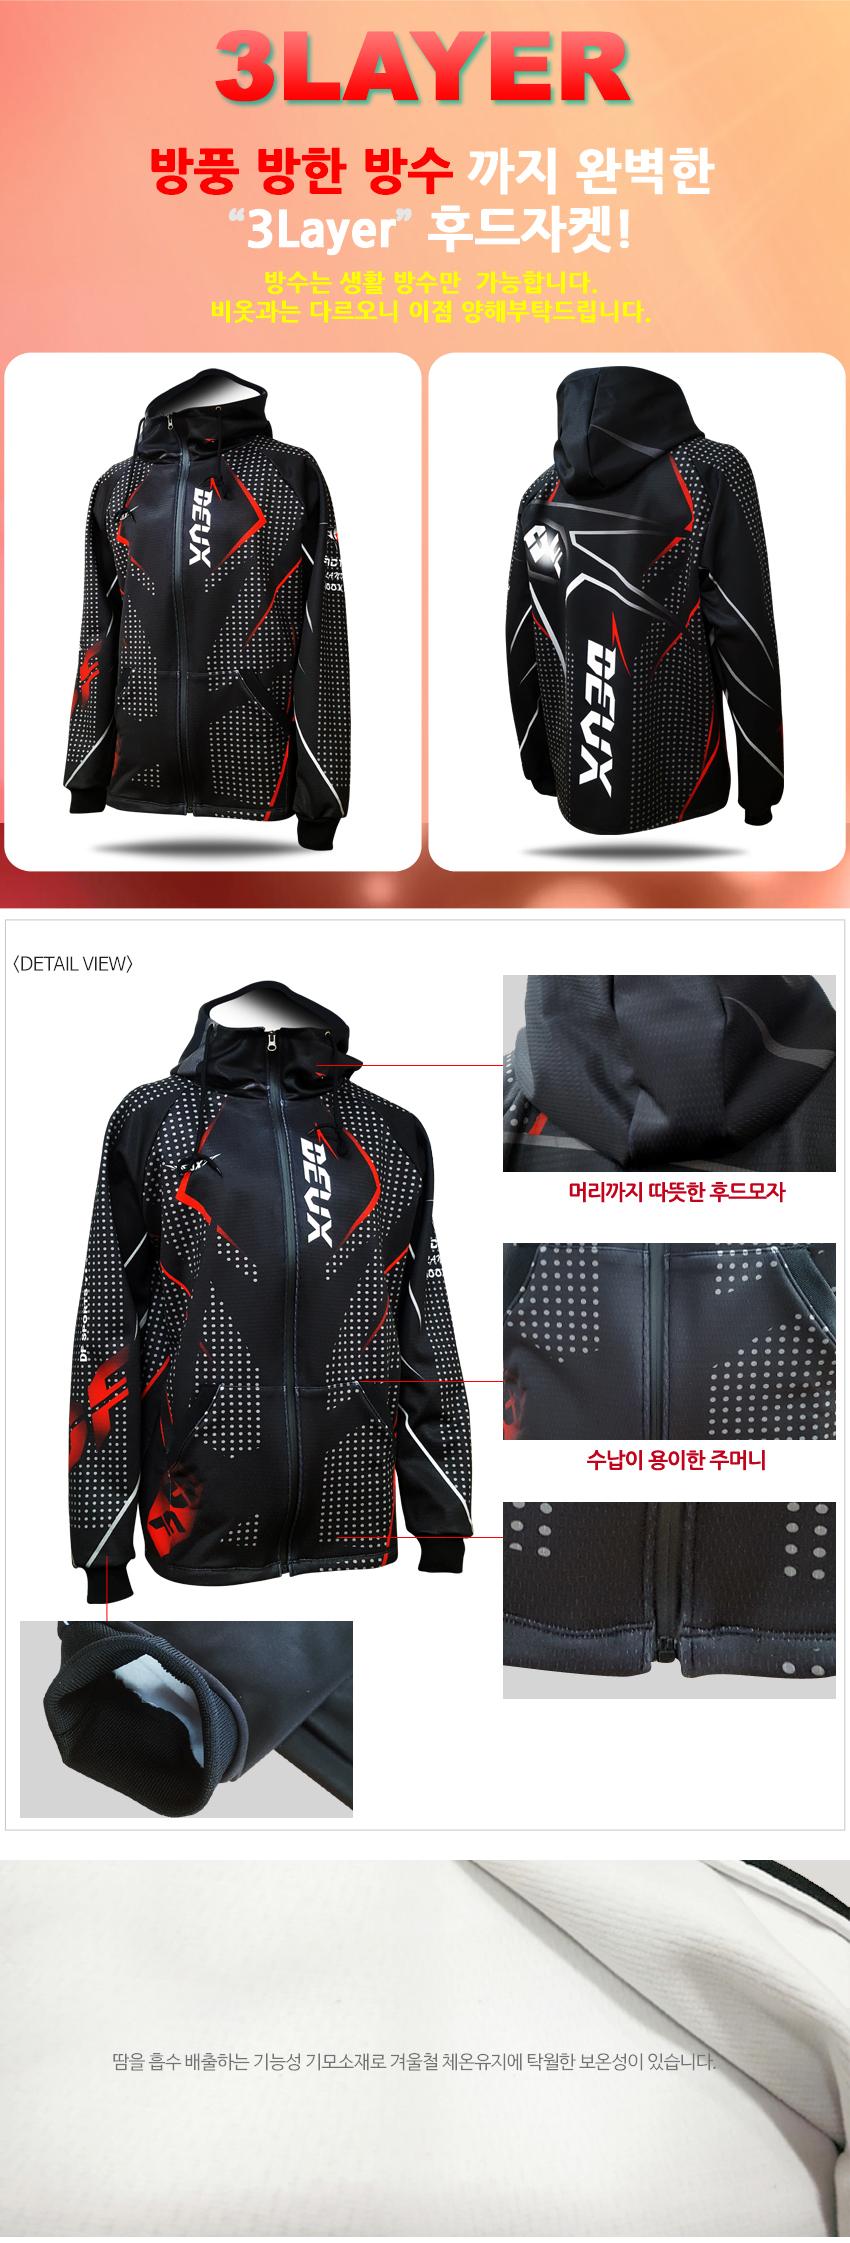 듀스세븐 겨울용 방풍 기모 후드자켓 3레이어 WD-31 방한자켓 방풍자켓 방풍 방한복 낚시복 팀복 겨울옷 후드집업